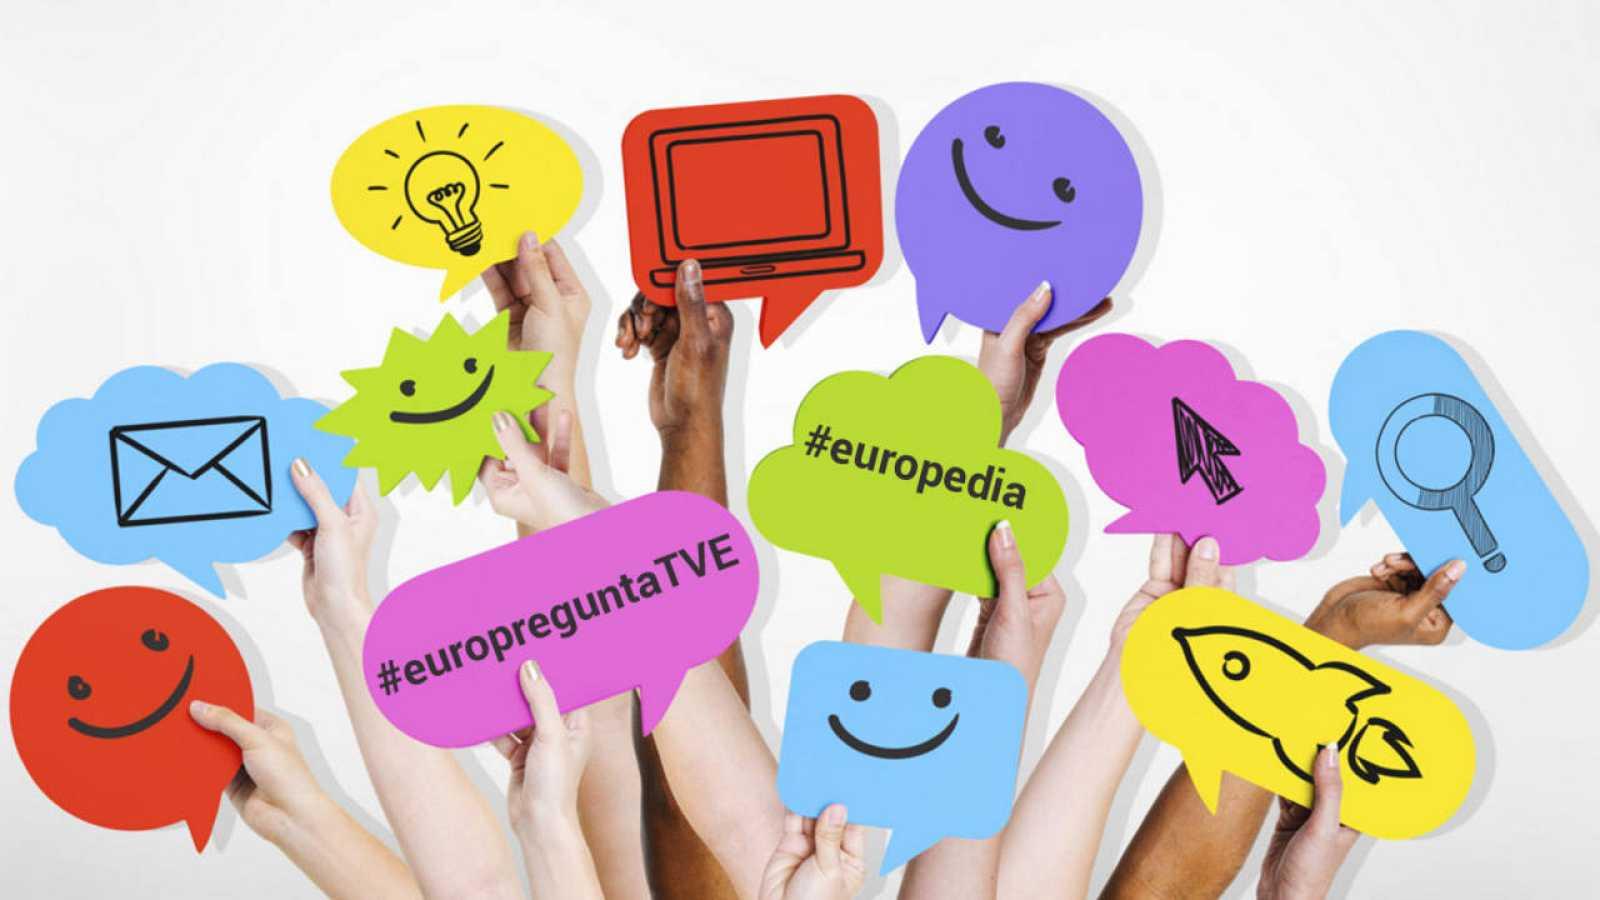 #europreguntaTVE y #europedia, ¡envía tu vídeo!